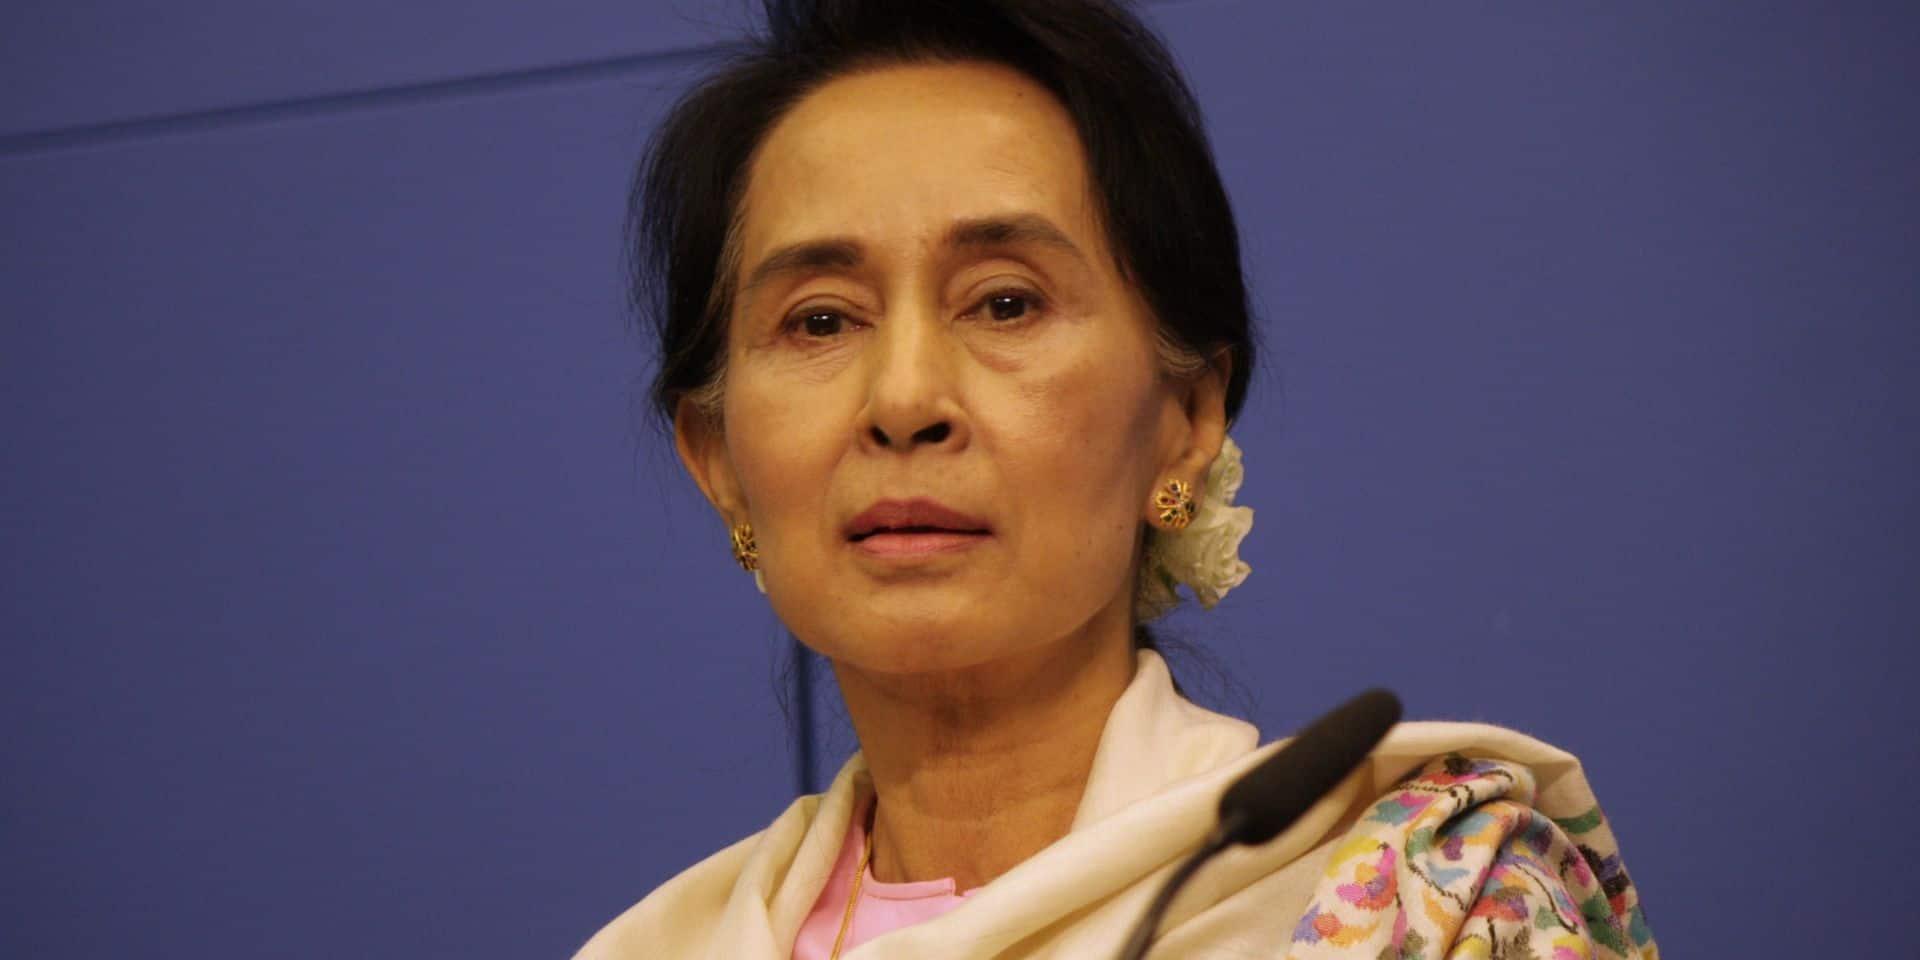 Birmanie: Aung San Suu Kyi inculpée une seconde fois